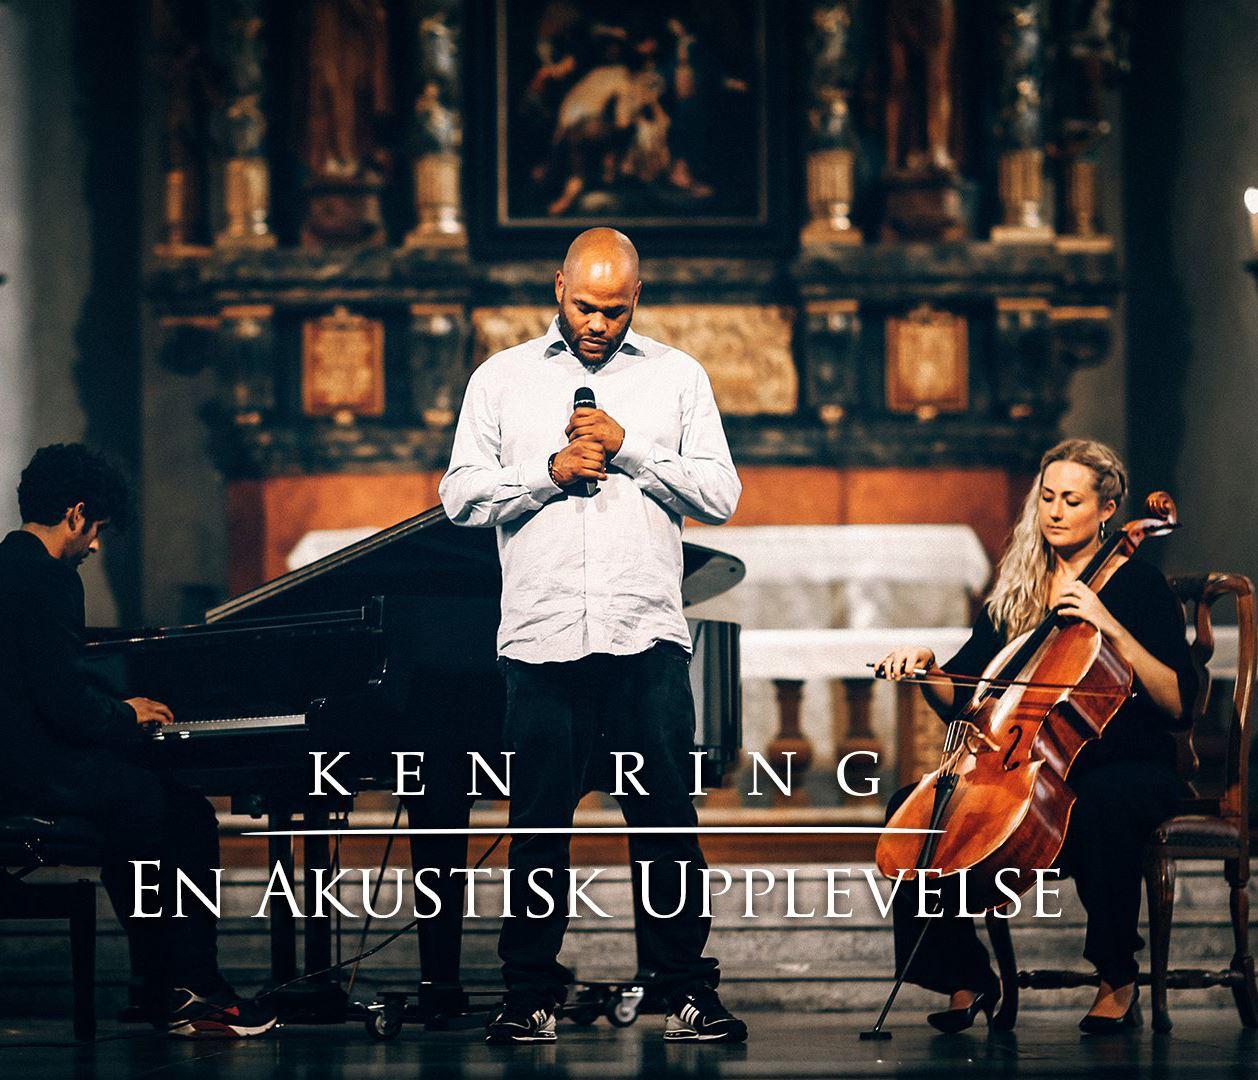 Ken Ring - en akustisk upplevelse i Karlshamn